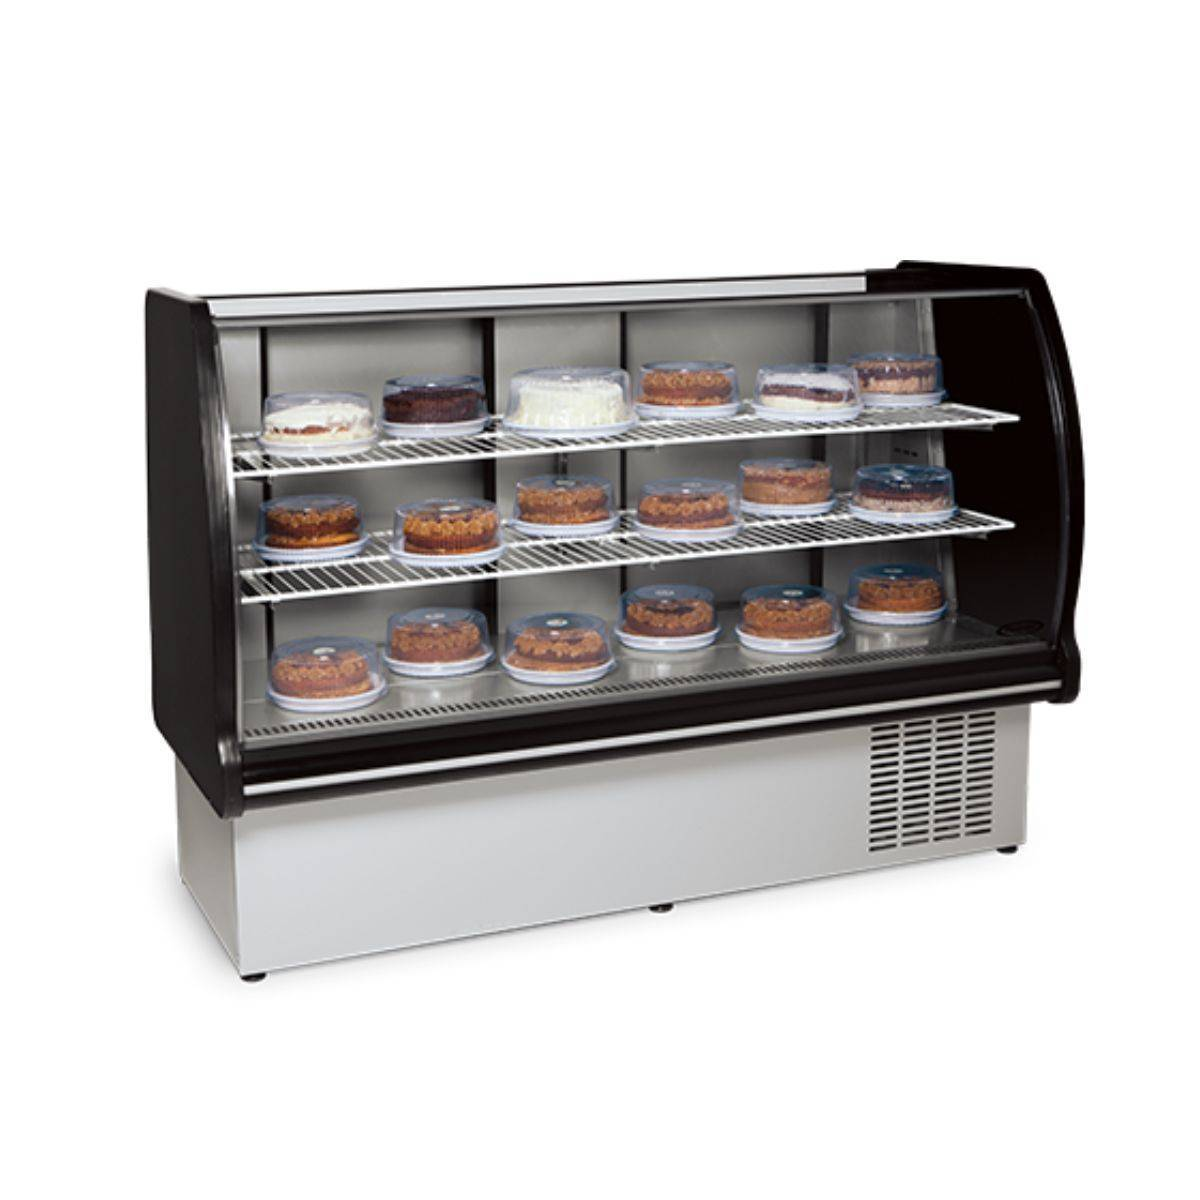 Vitrine Refrigerada para Doces 1,10m VRP-110 Conservex - Magazine do Chef